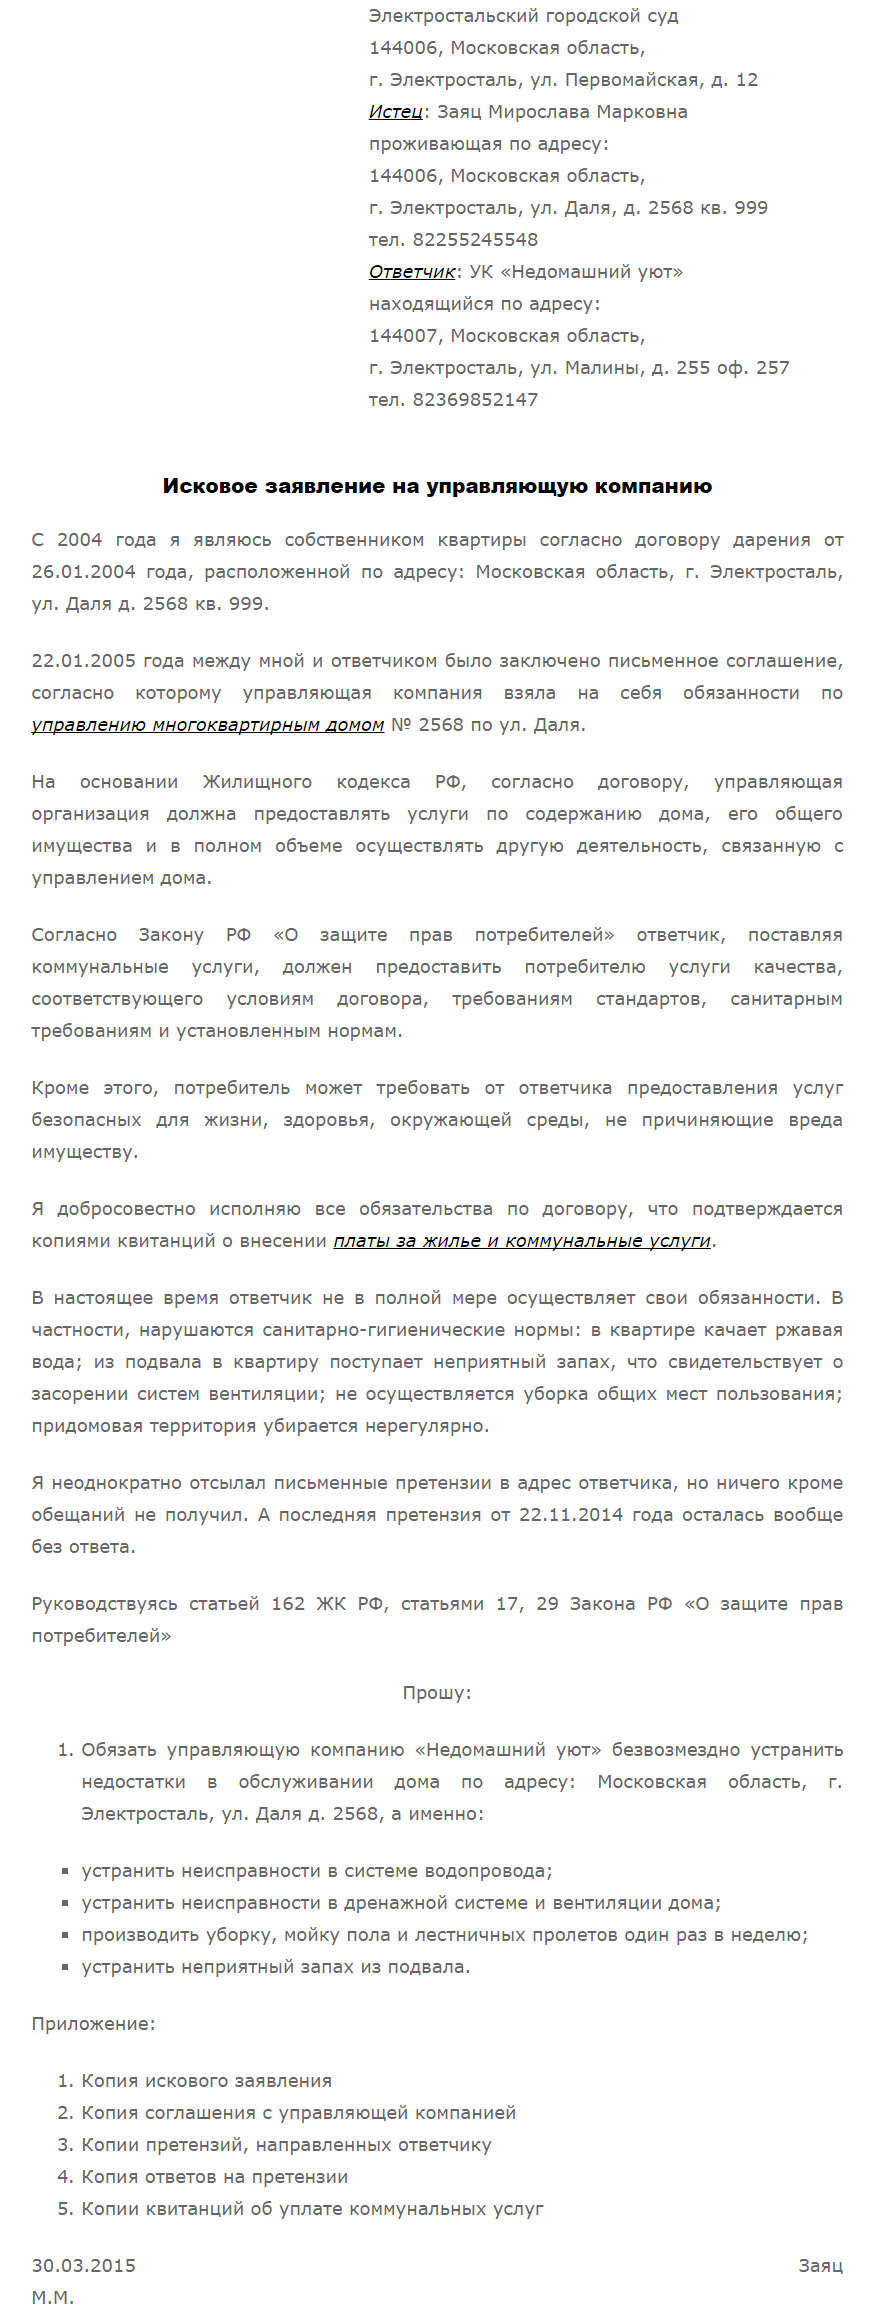 Изображение - Жалоба на ук в жилищную инспекцию и её образец primer-zayavleniya-v-sud-na-uk